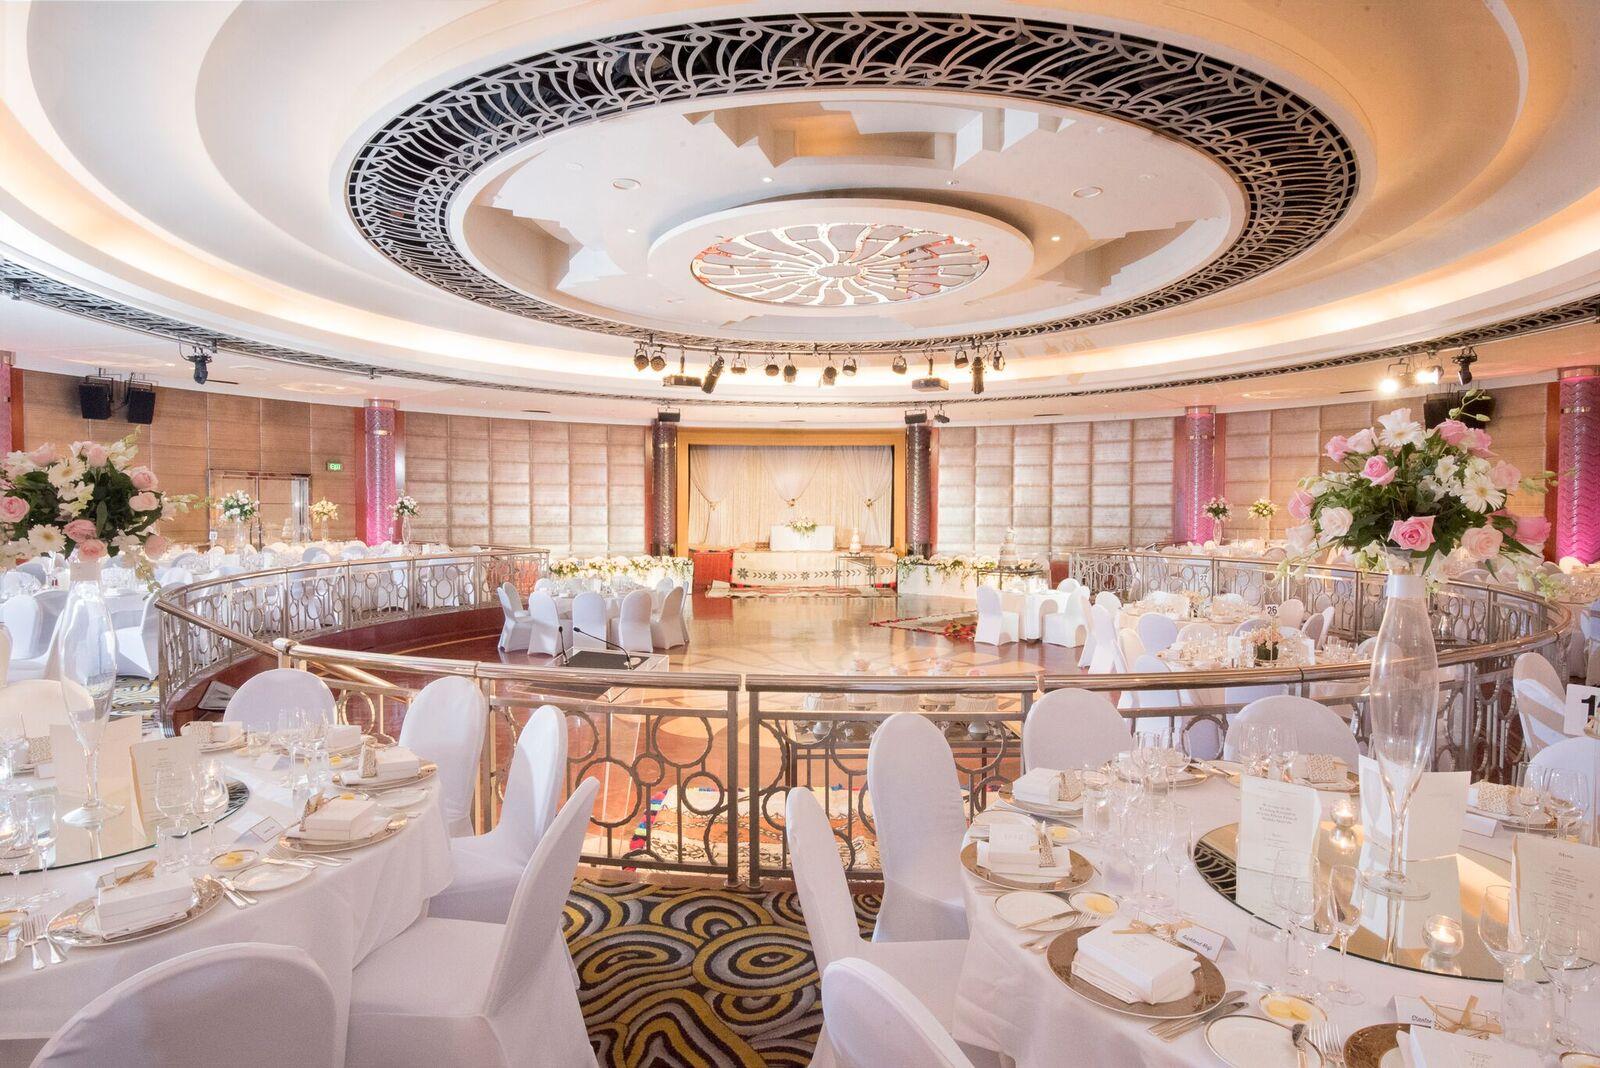 Wedding Venue, Ballroom, at Park Hyatt Melbourne hotel